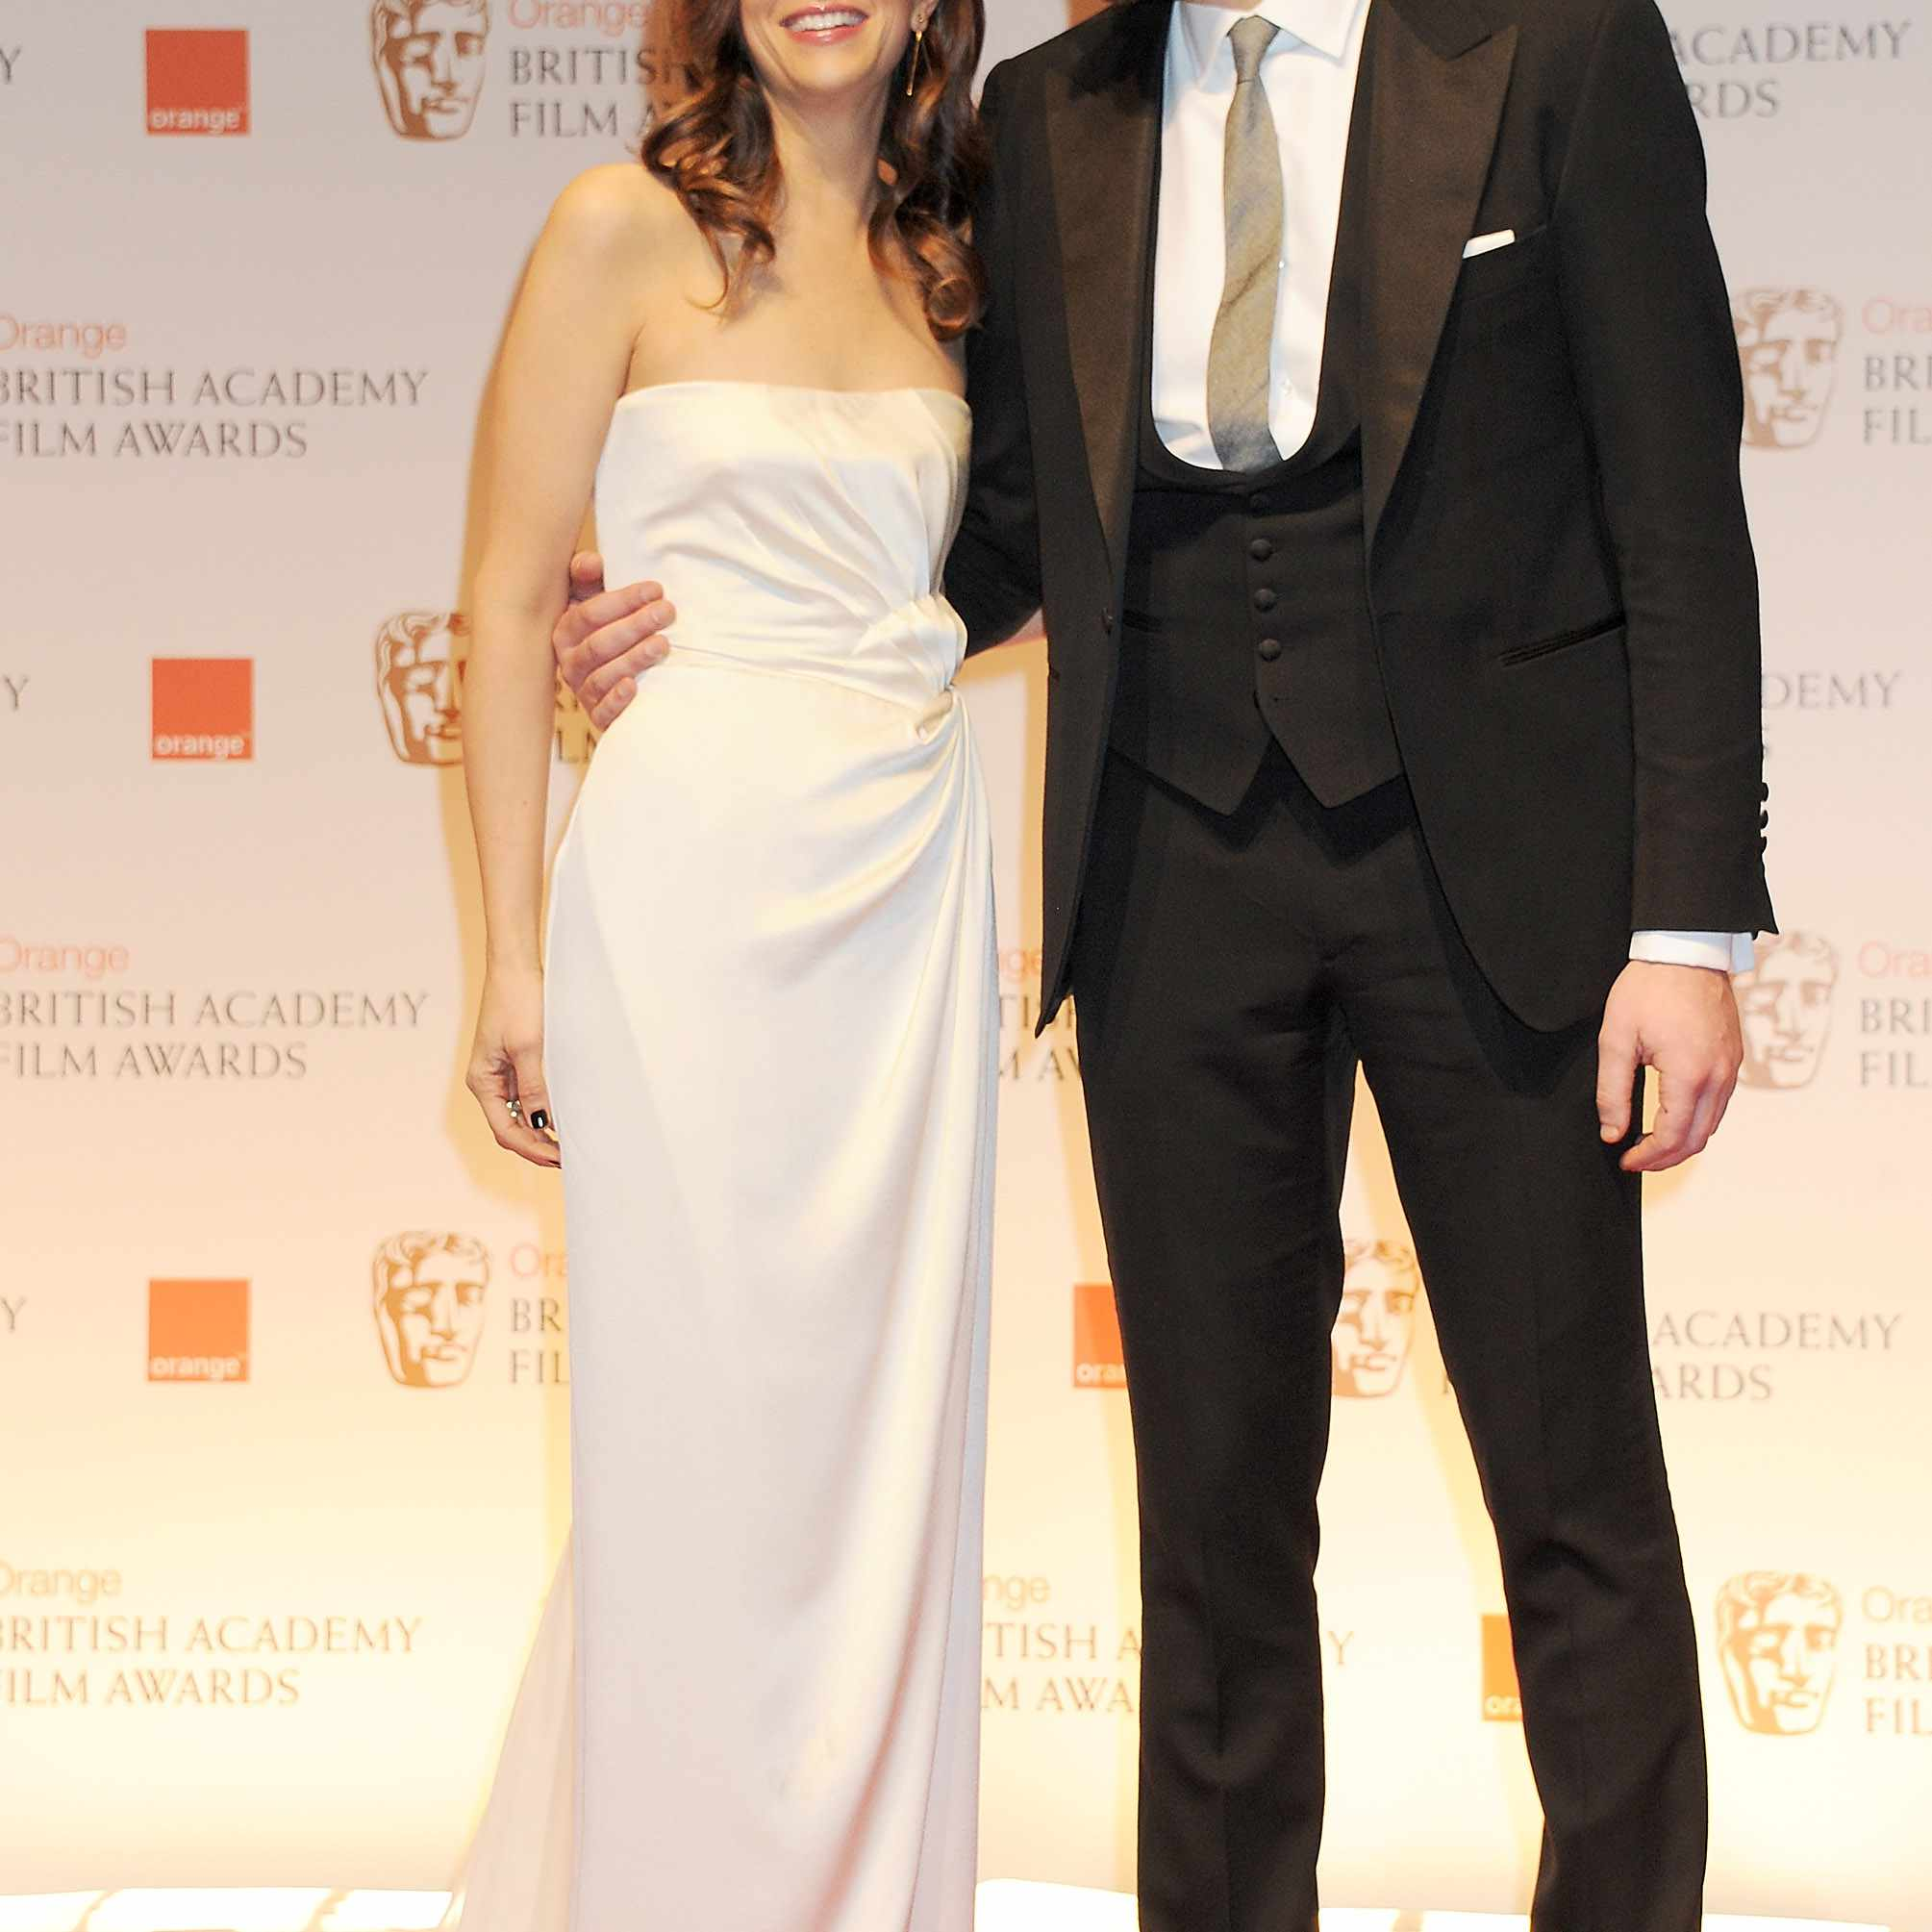 Kristen Wiig and Chris O'Dowd